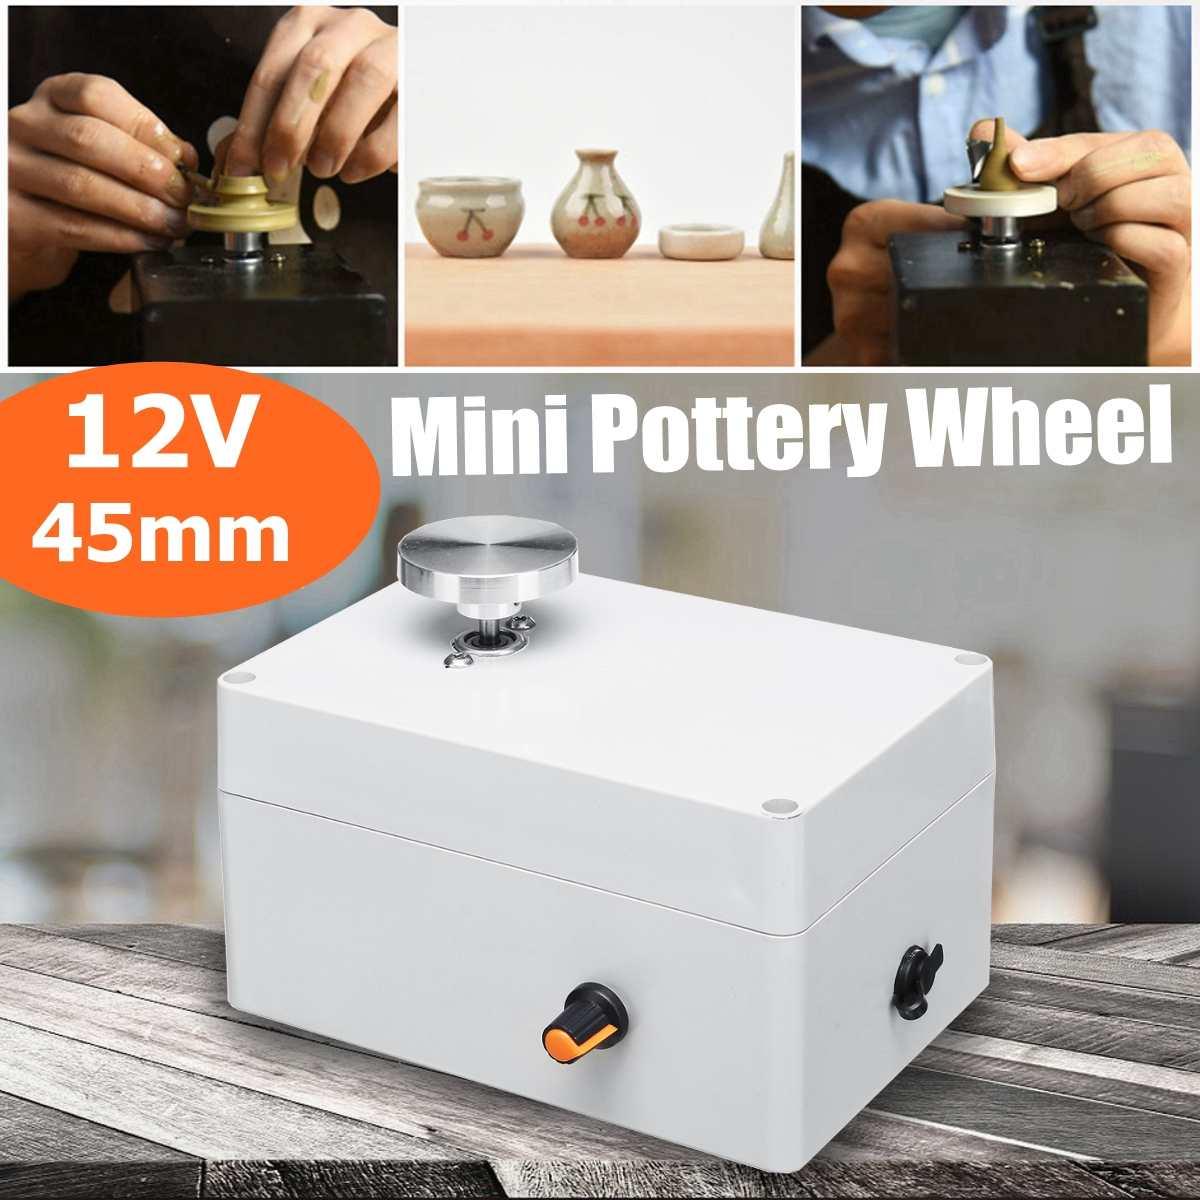 Mini roue de poterie en alliage d'aluminium 12 V 4.5 cm bouton de tourne-disque changement de vitesse continu